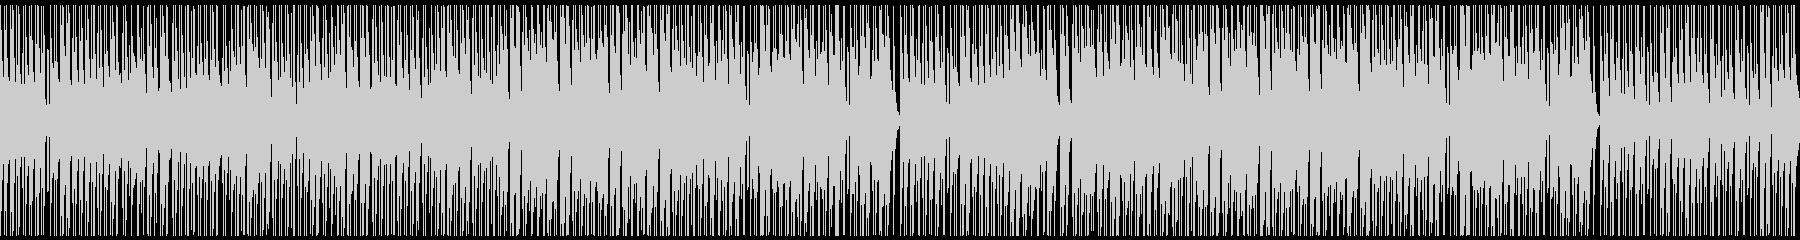 ノリ良い音頭の和風/ゲーム映像/M17pの未再生の波形